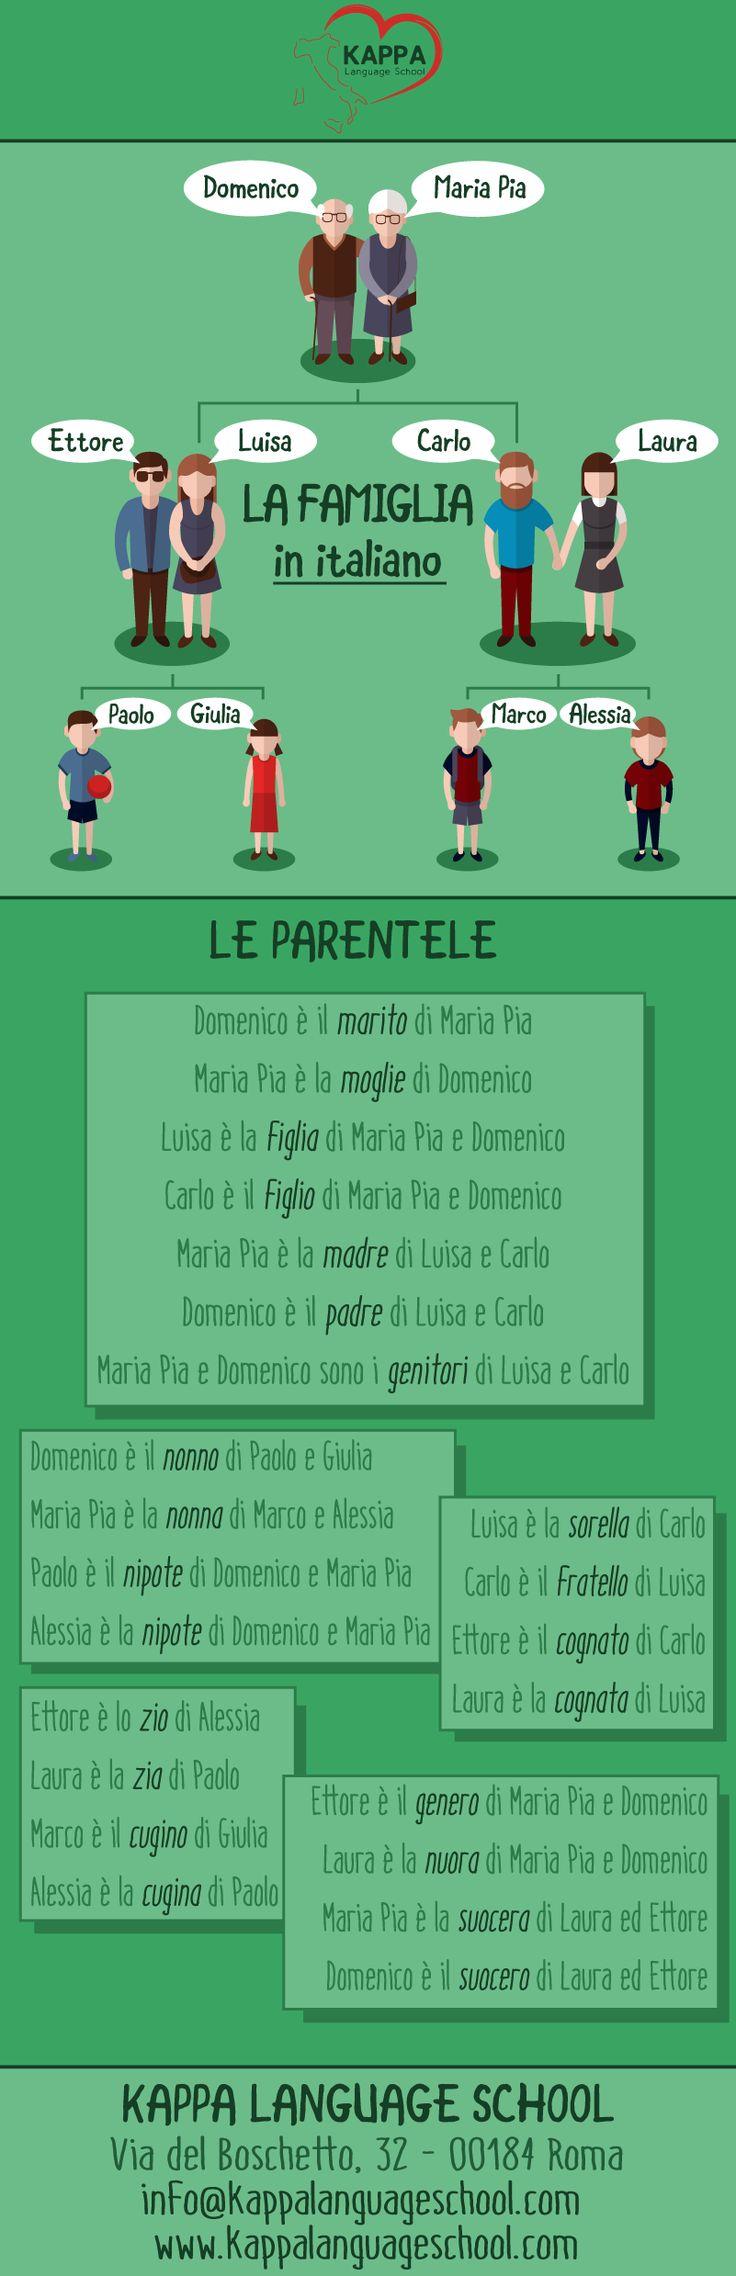 Learn italian words in famiglia